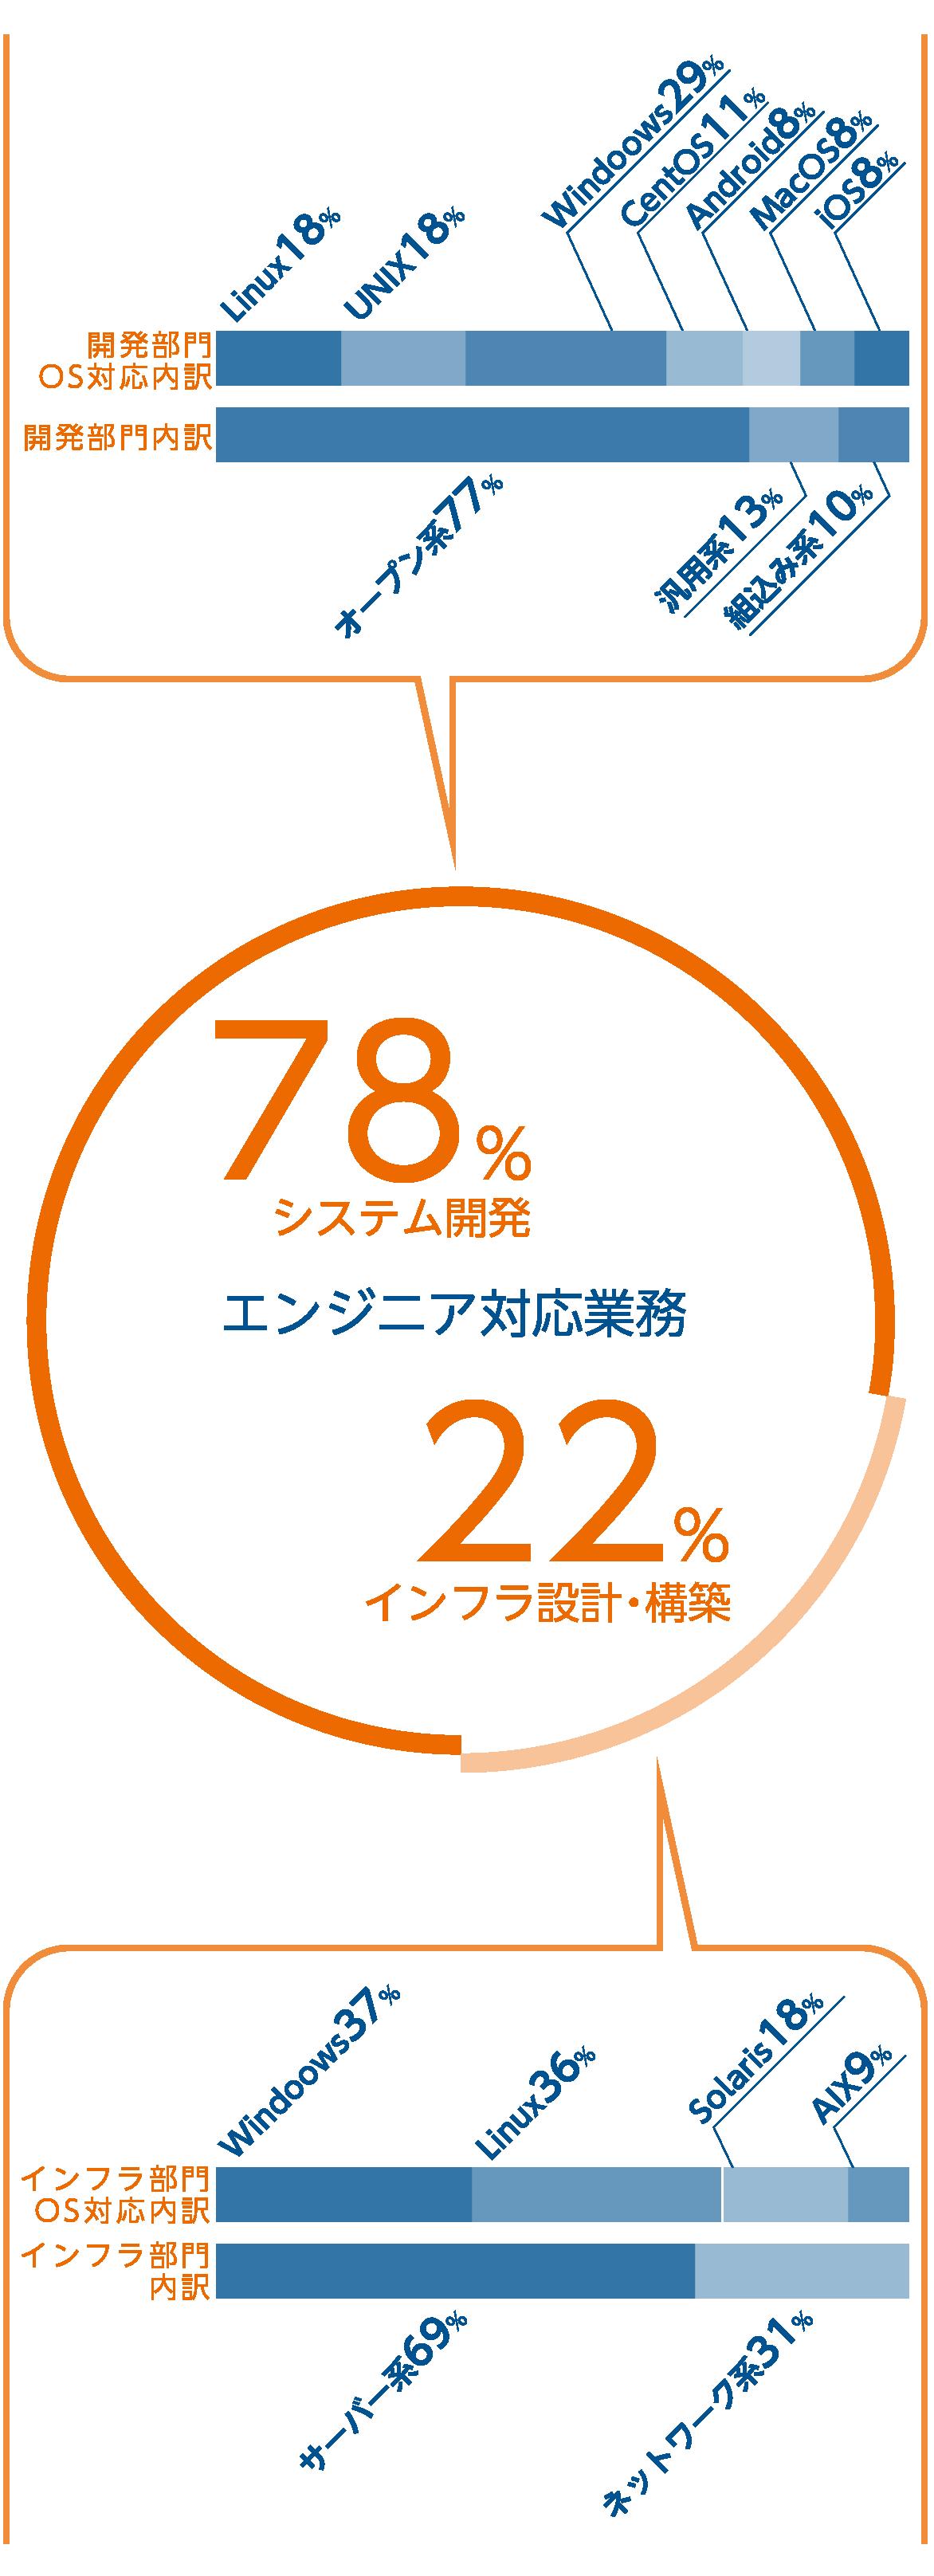 エンジニア対応業務78%システム開発22%インフラ設計・構築オープン系77%汎用系13%組み込み系10%サーバー系69%ネットワーク系31%